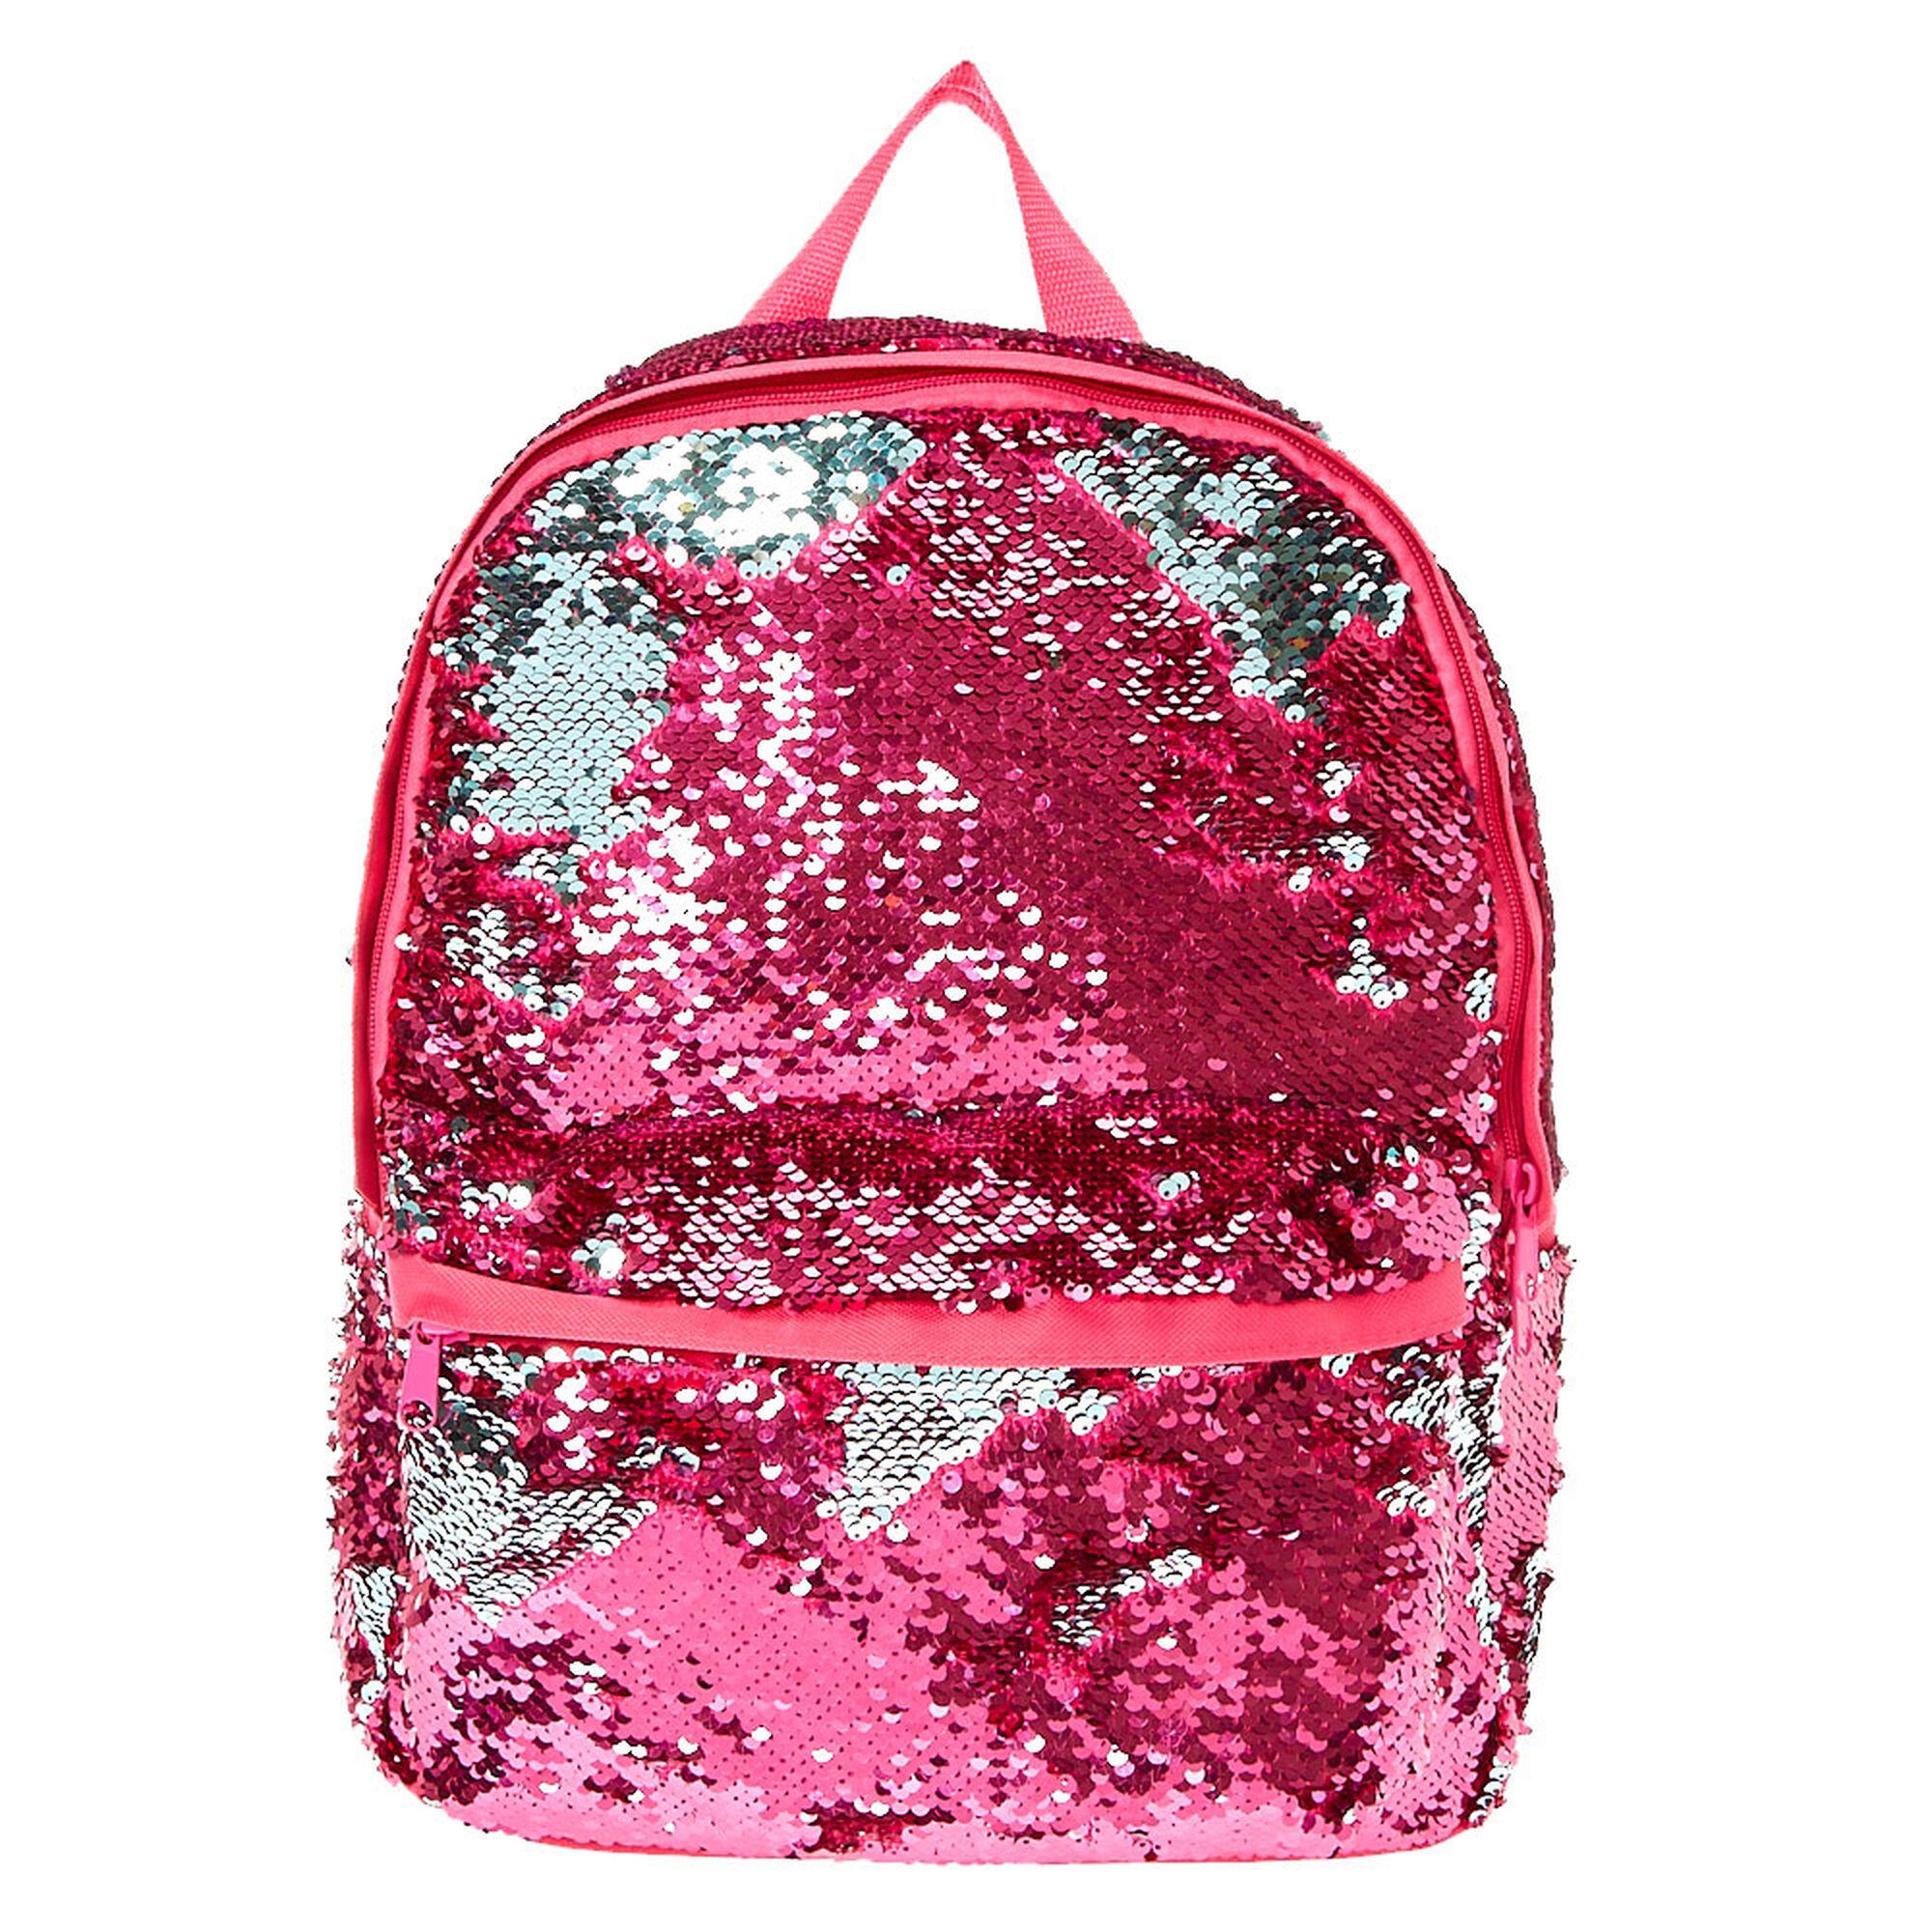 """Résultat de recherche d'images pour """"claire's pink glitter backpack"""""""